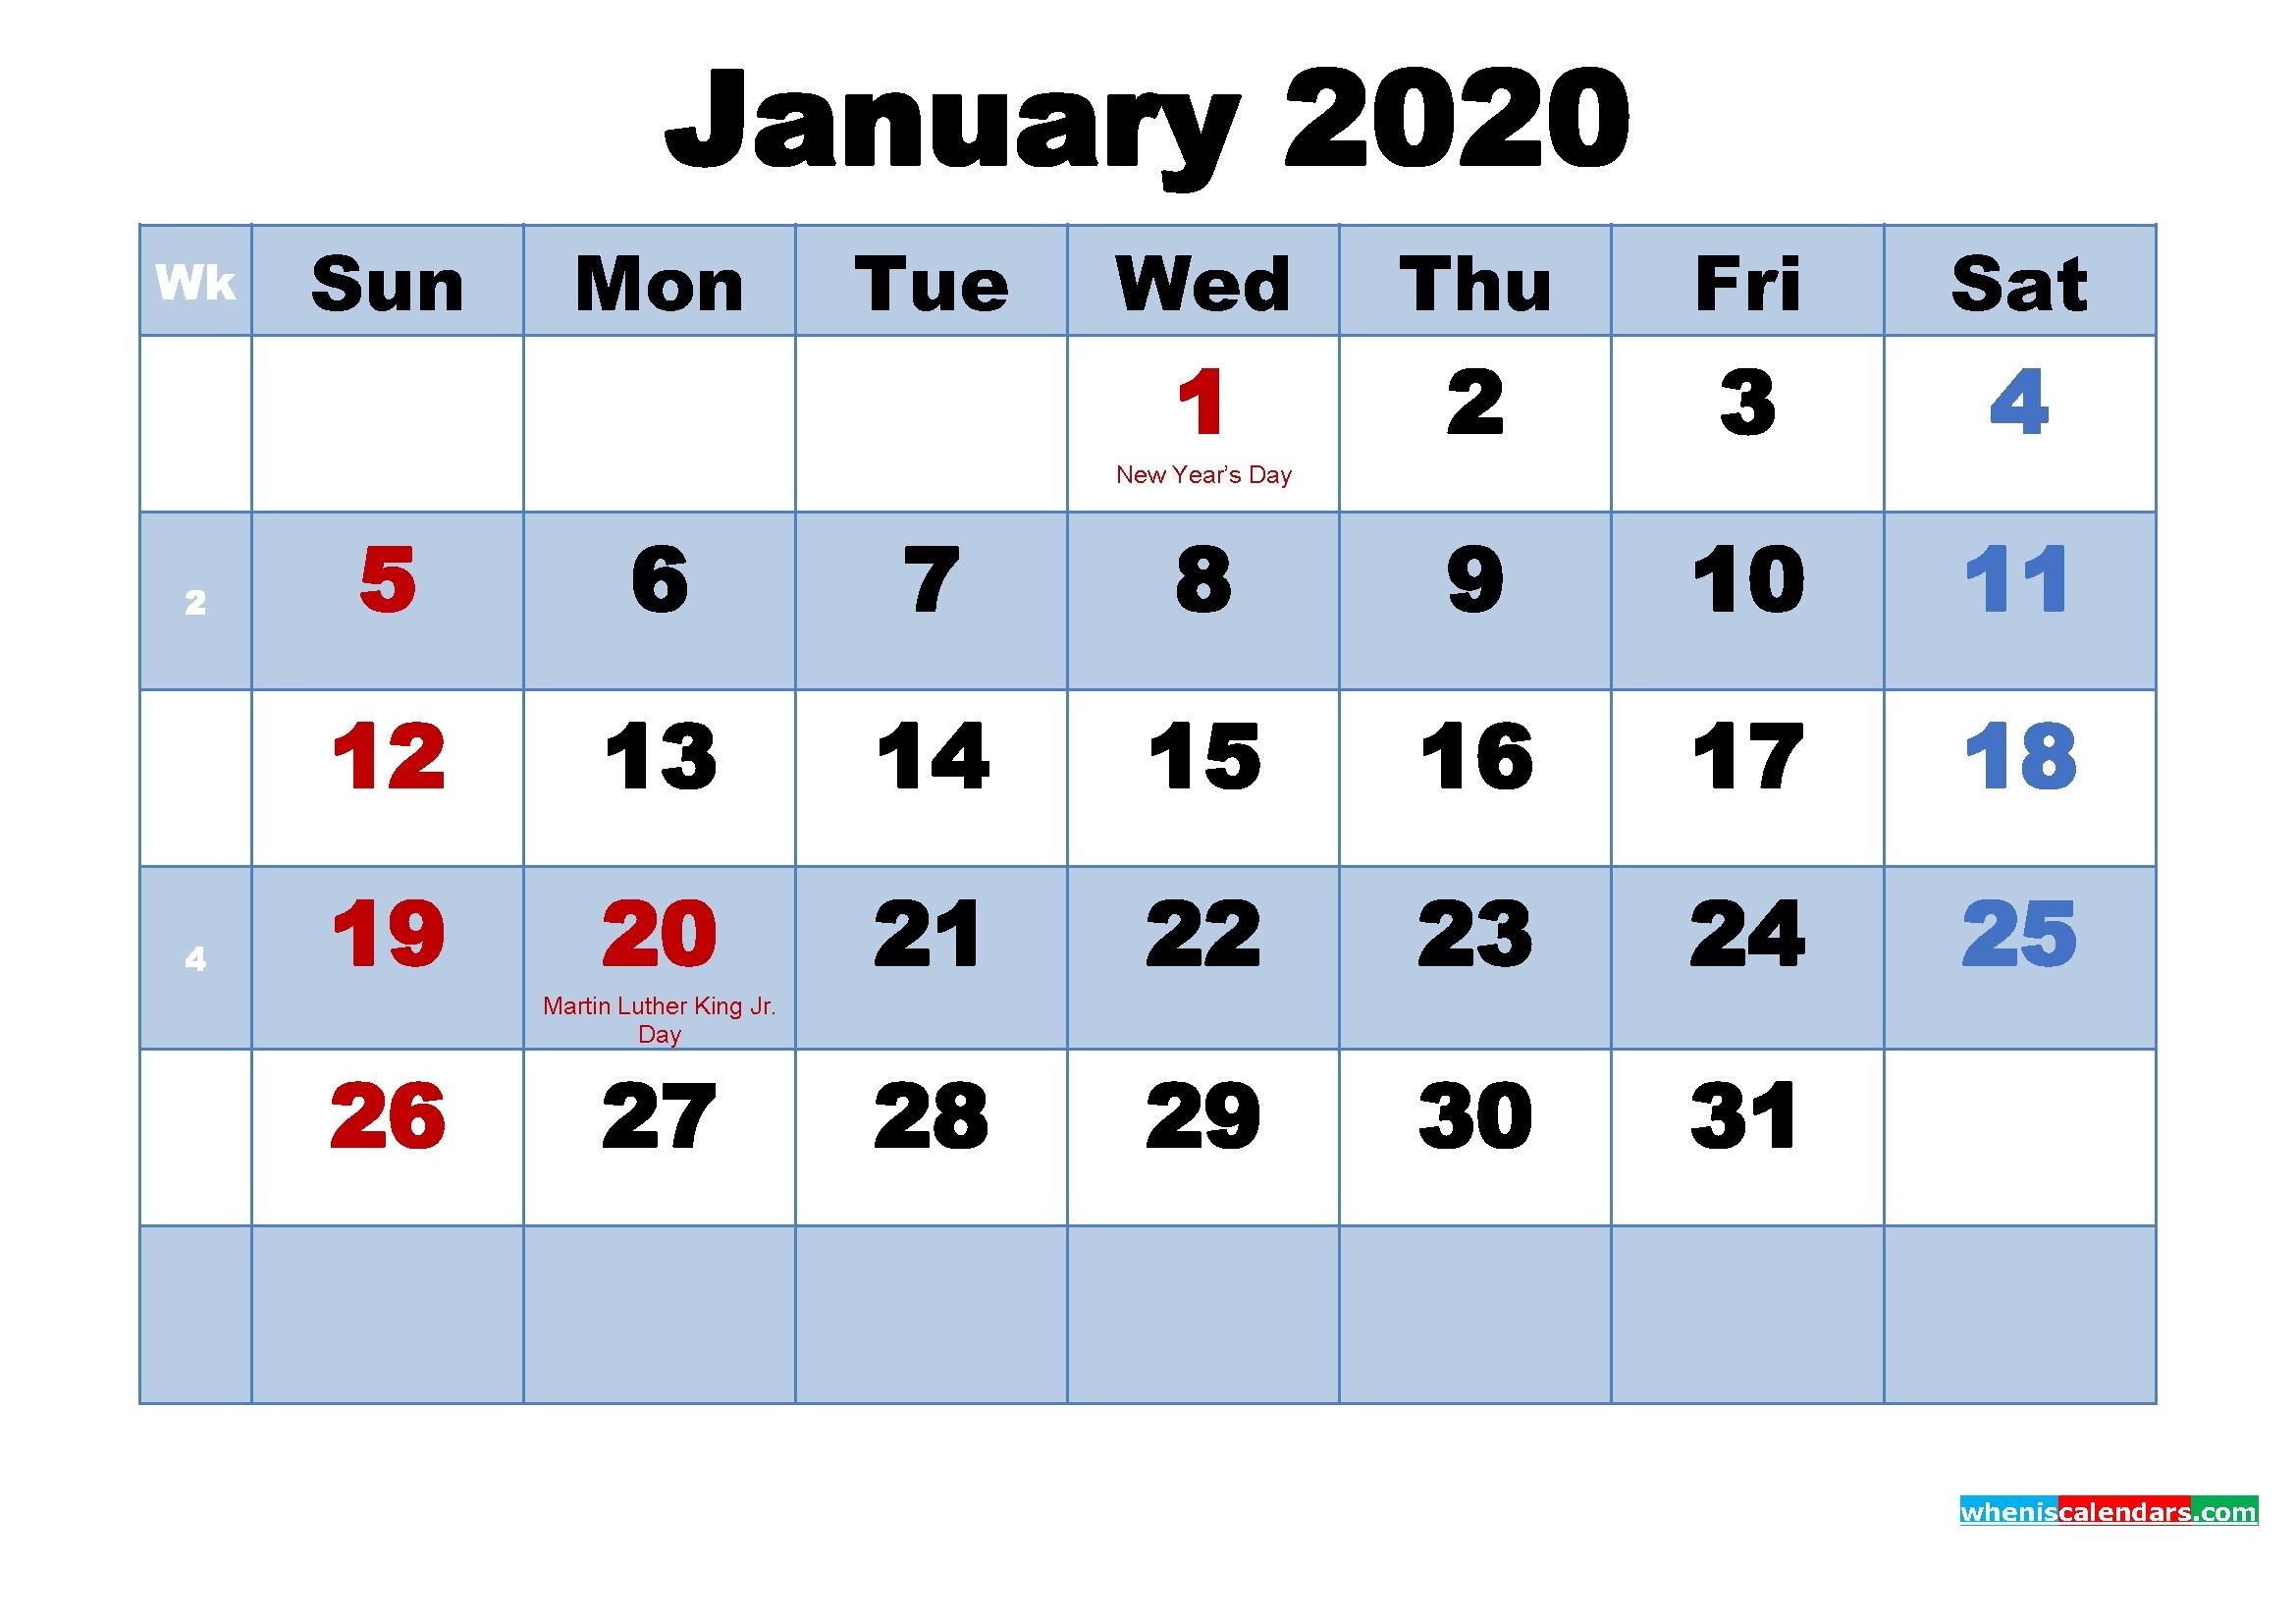 Free Printable 2020 Calendar January As Word, Pdf   Free 2020 Calendar With Jewish Holidays Pdf